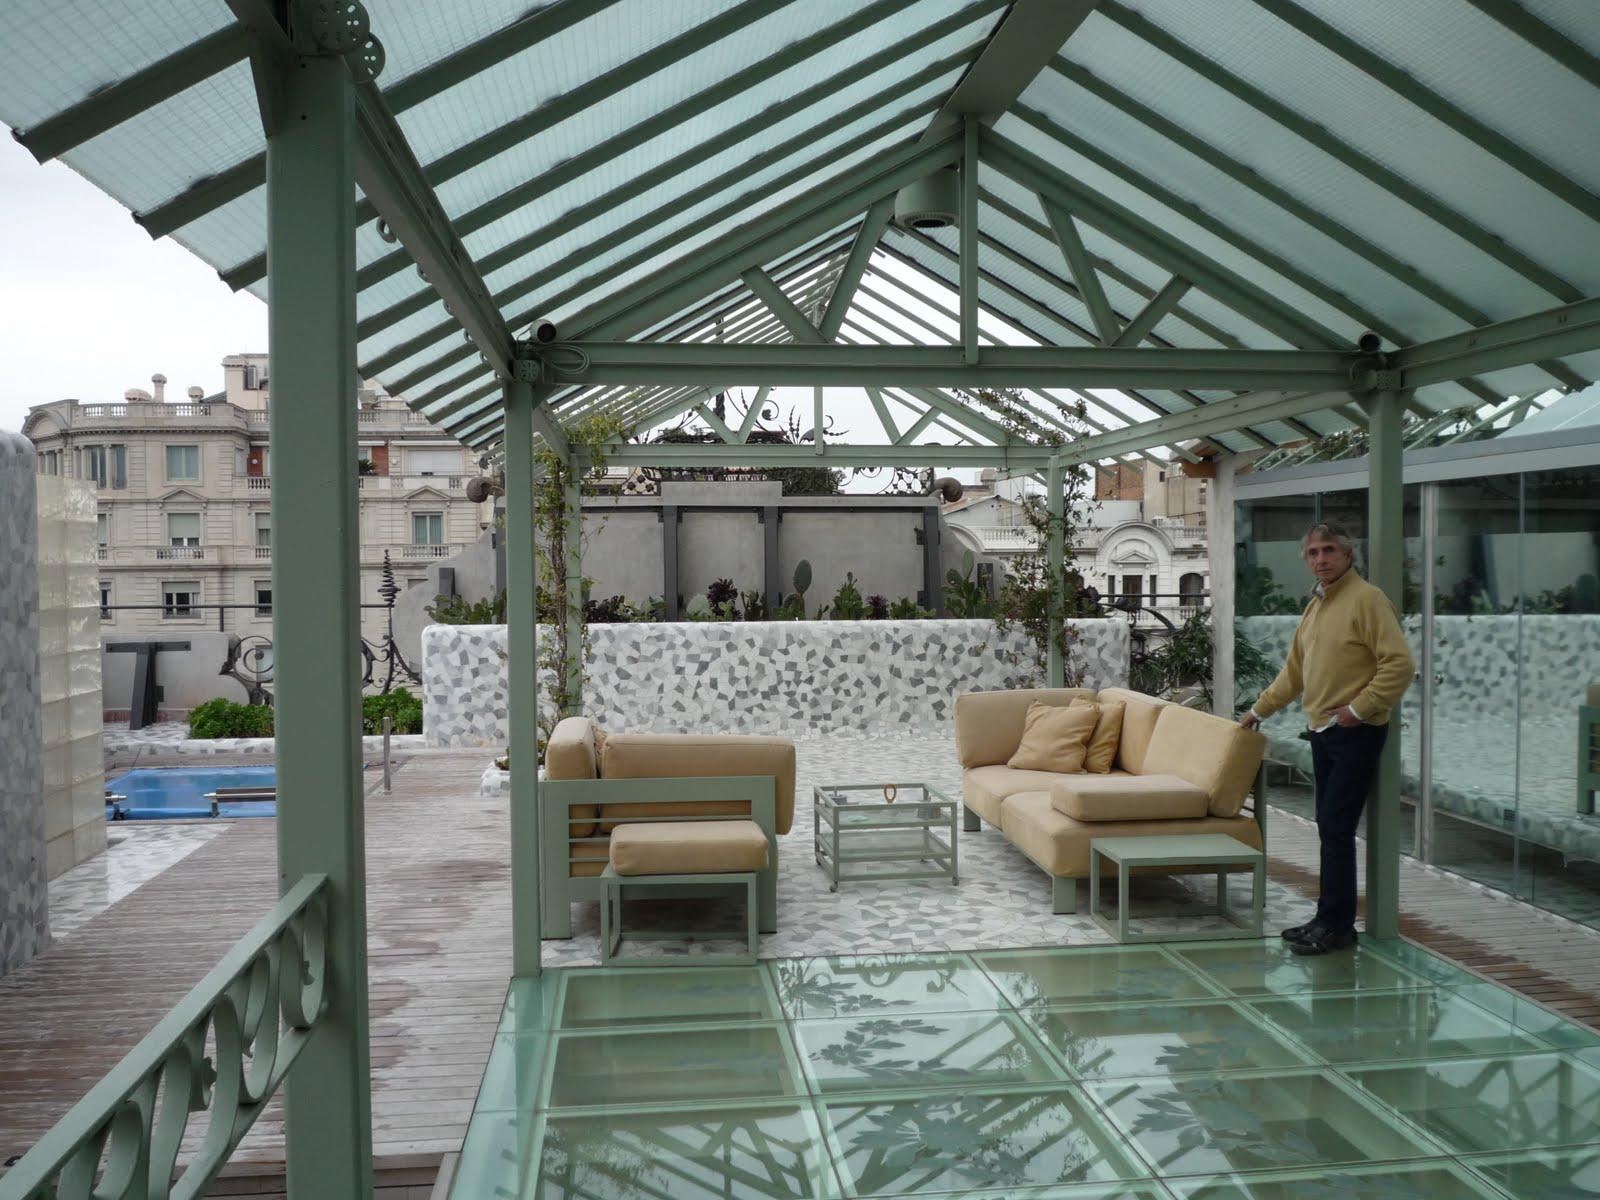 El observador solitario el palauet living barcelona y la - Spa aguas de barcelona ...